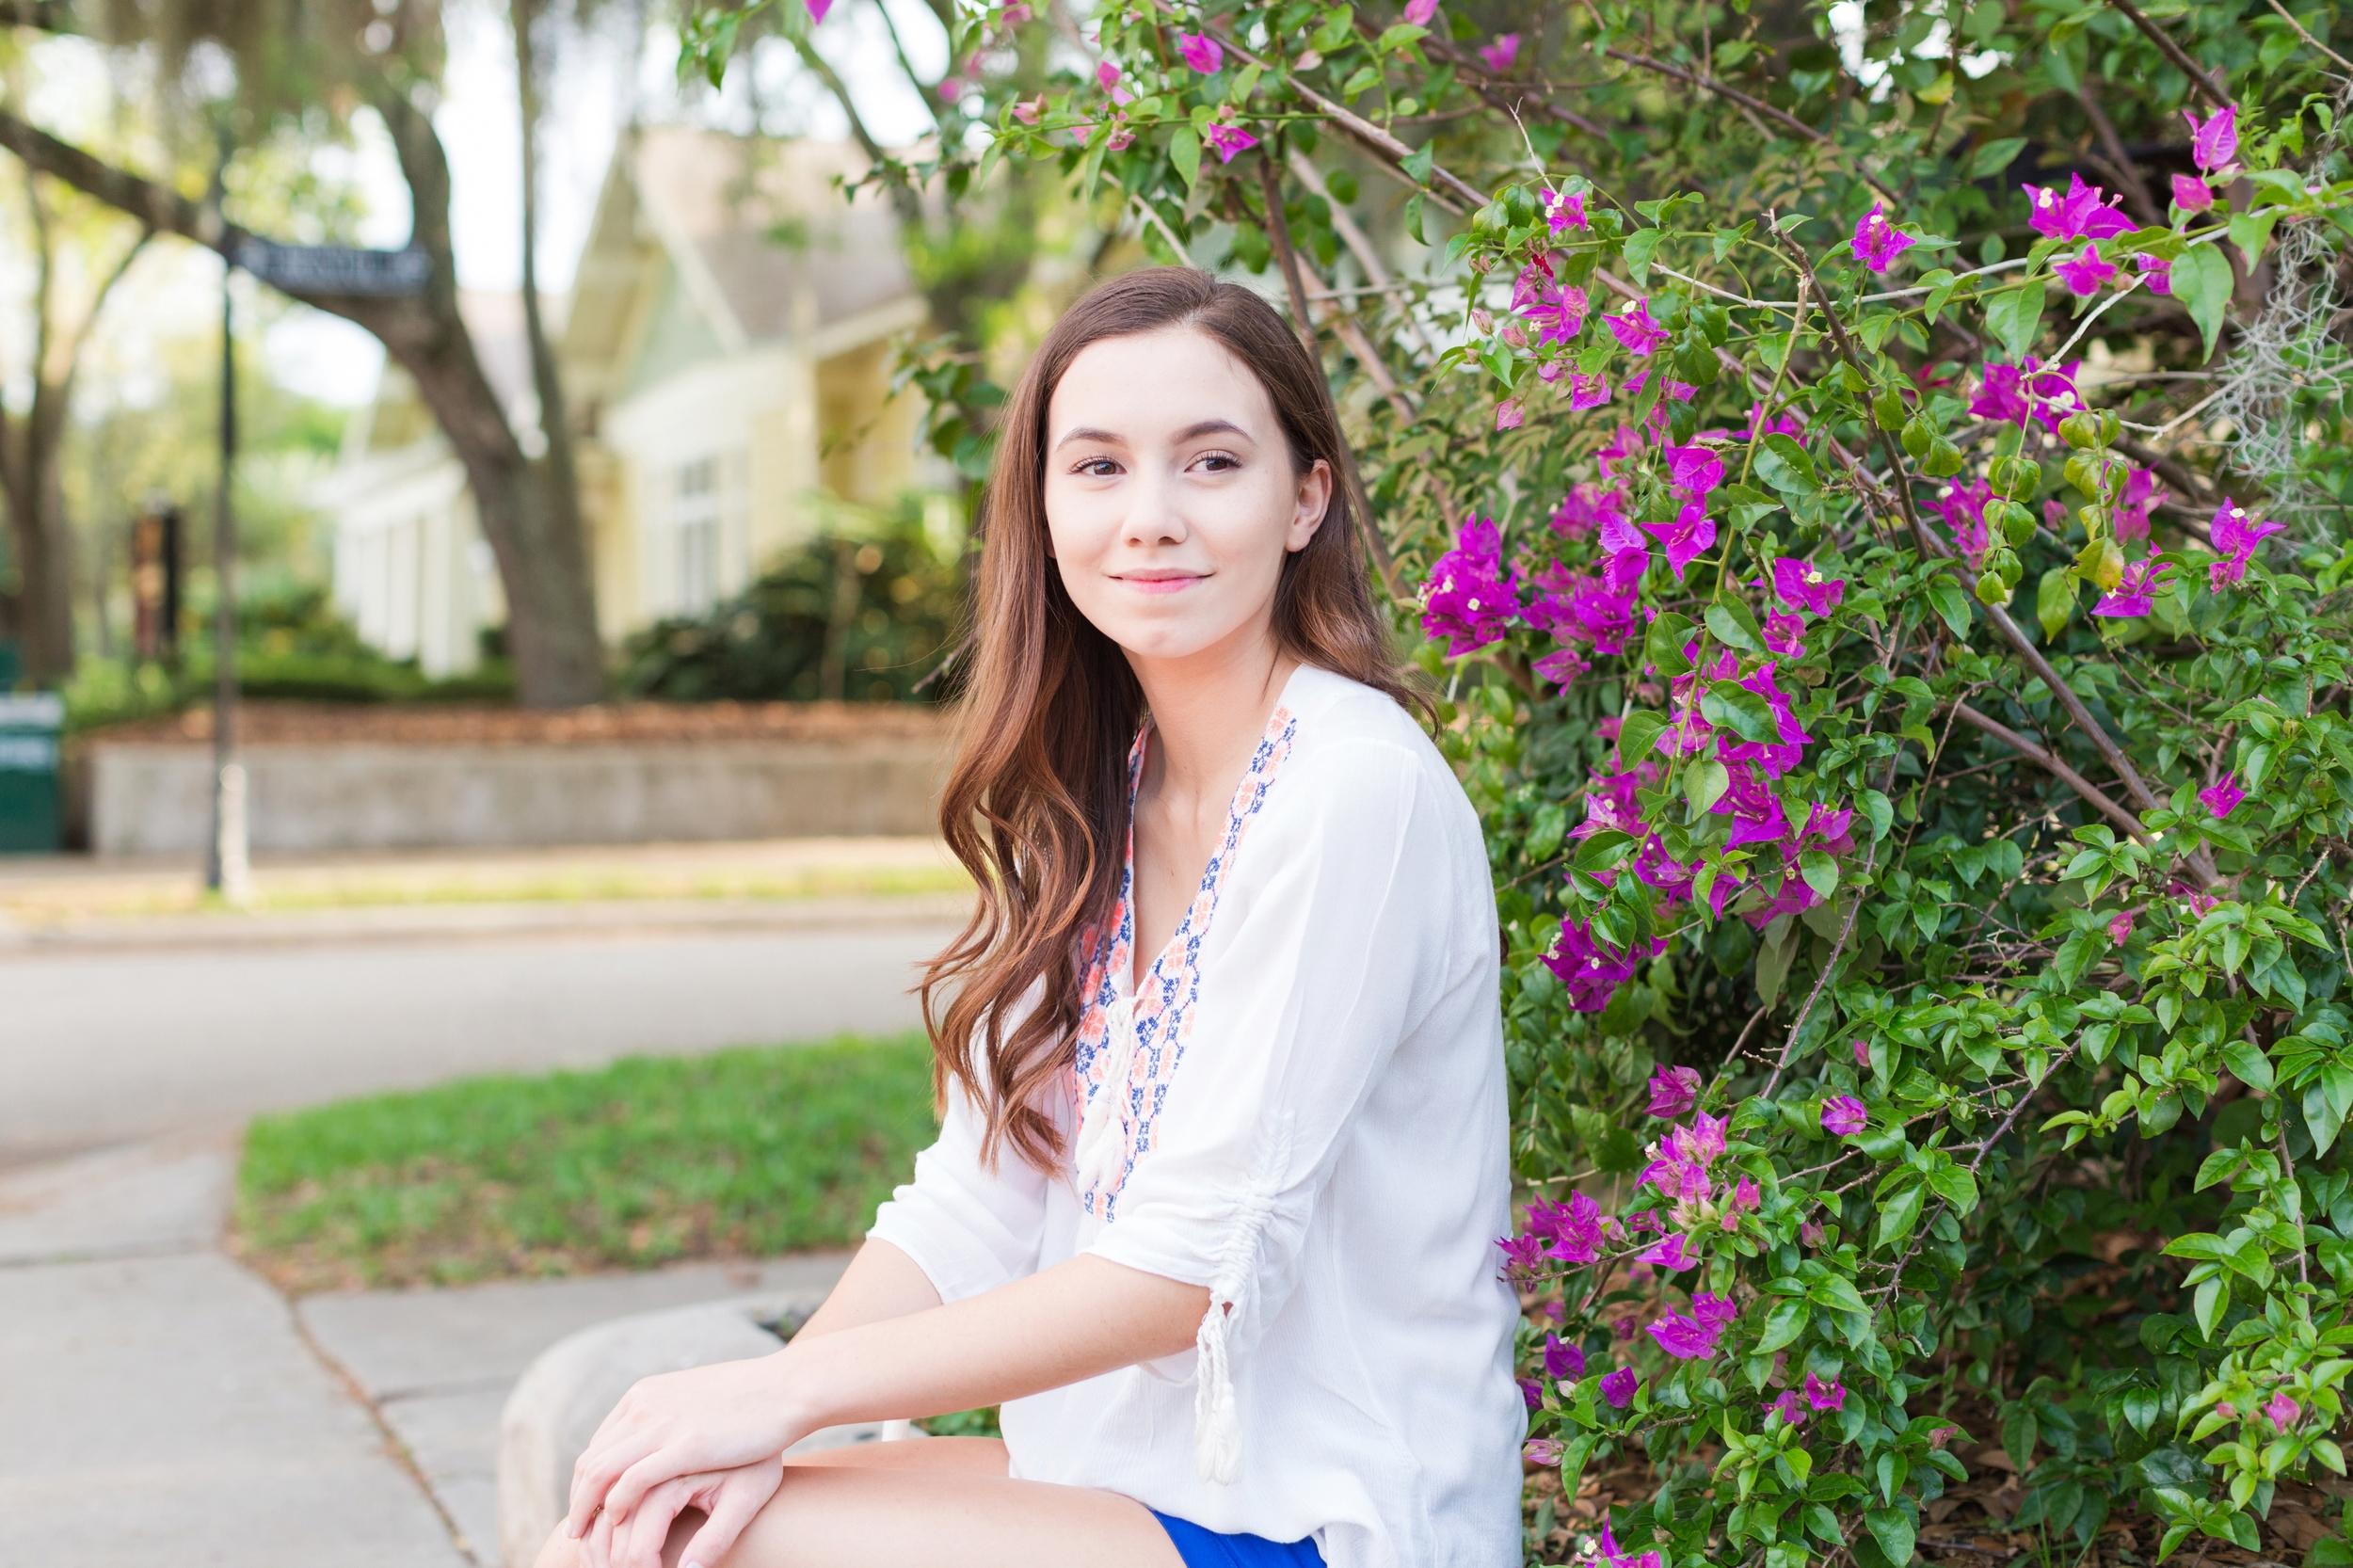 Courtney Schear_0005.jpg